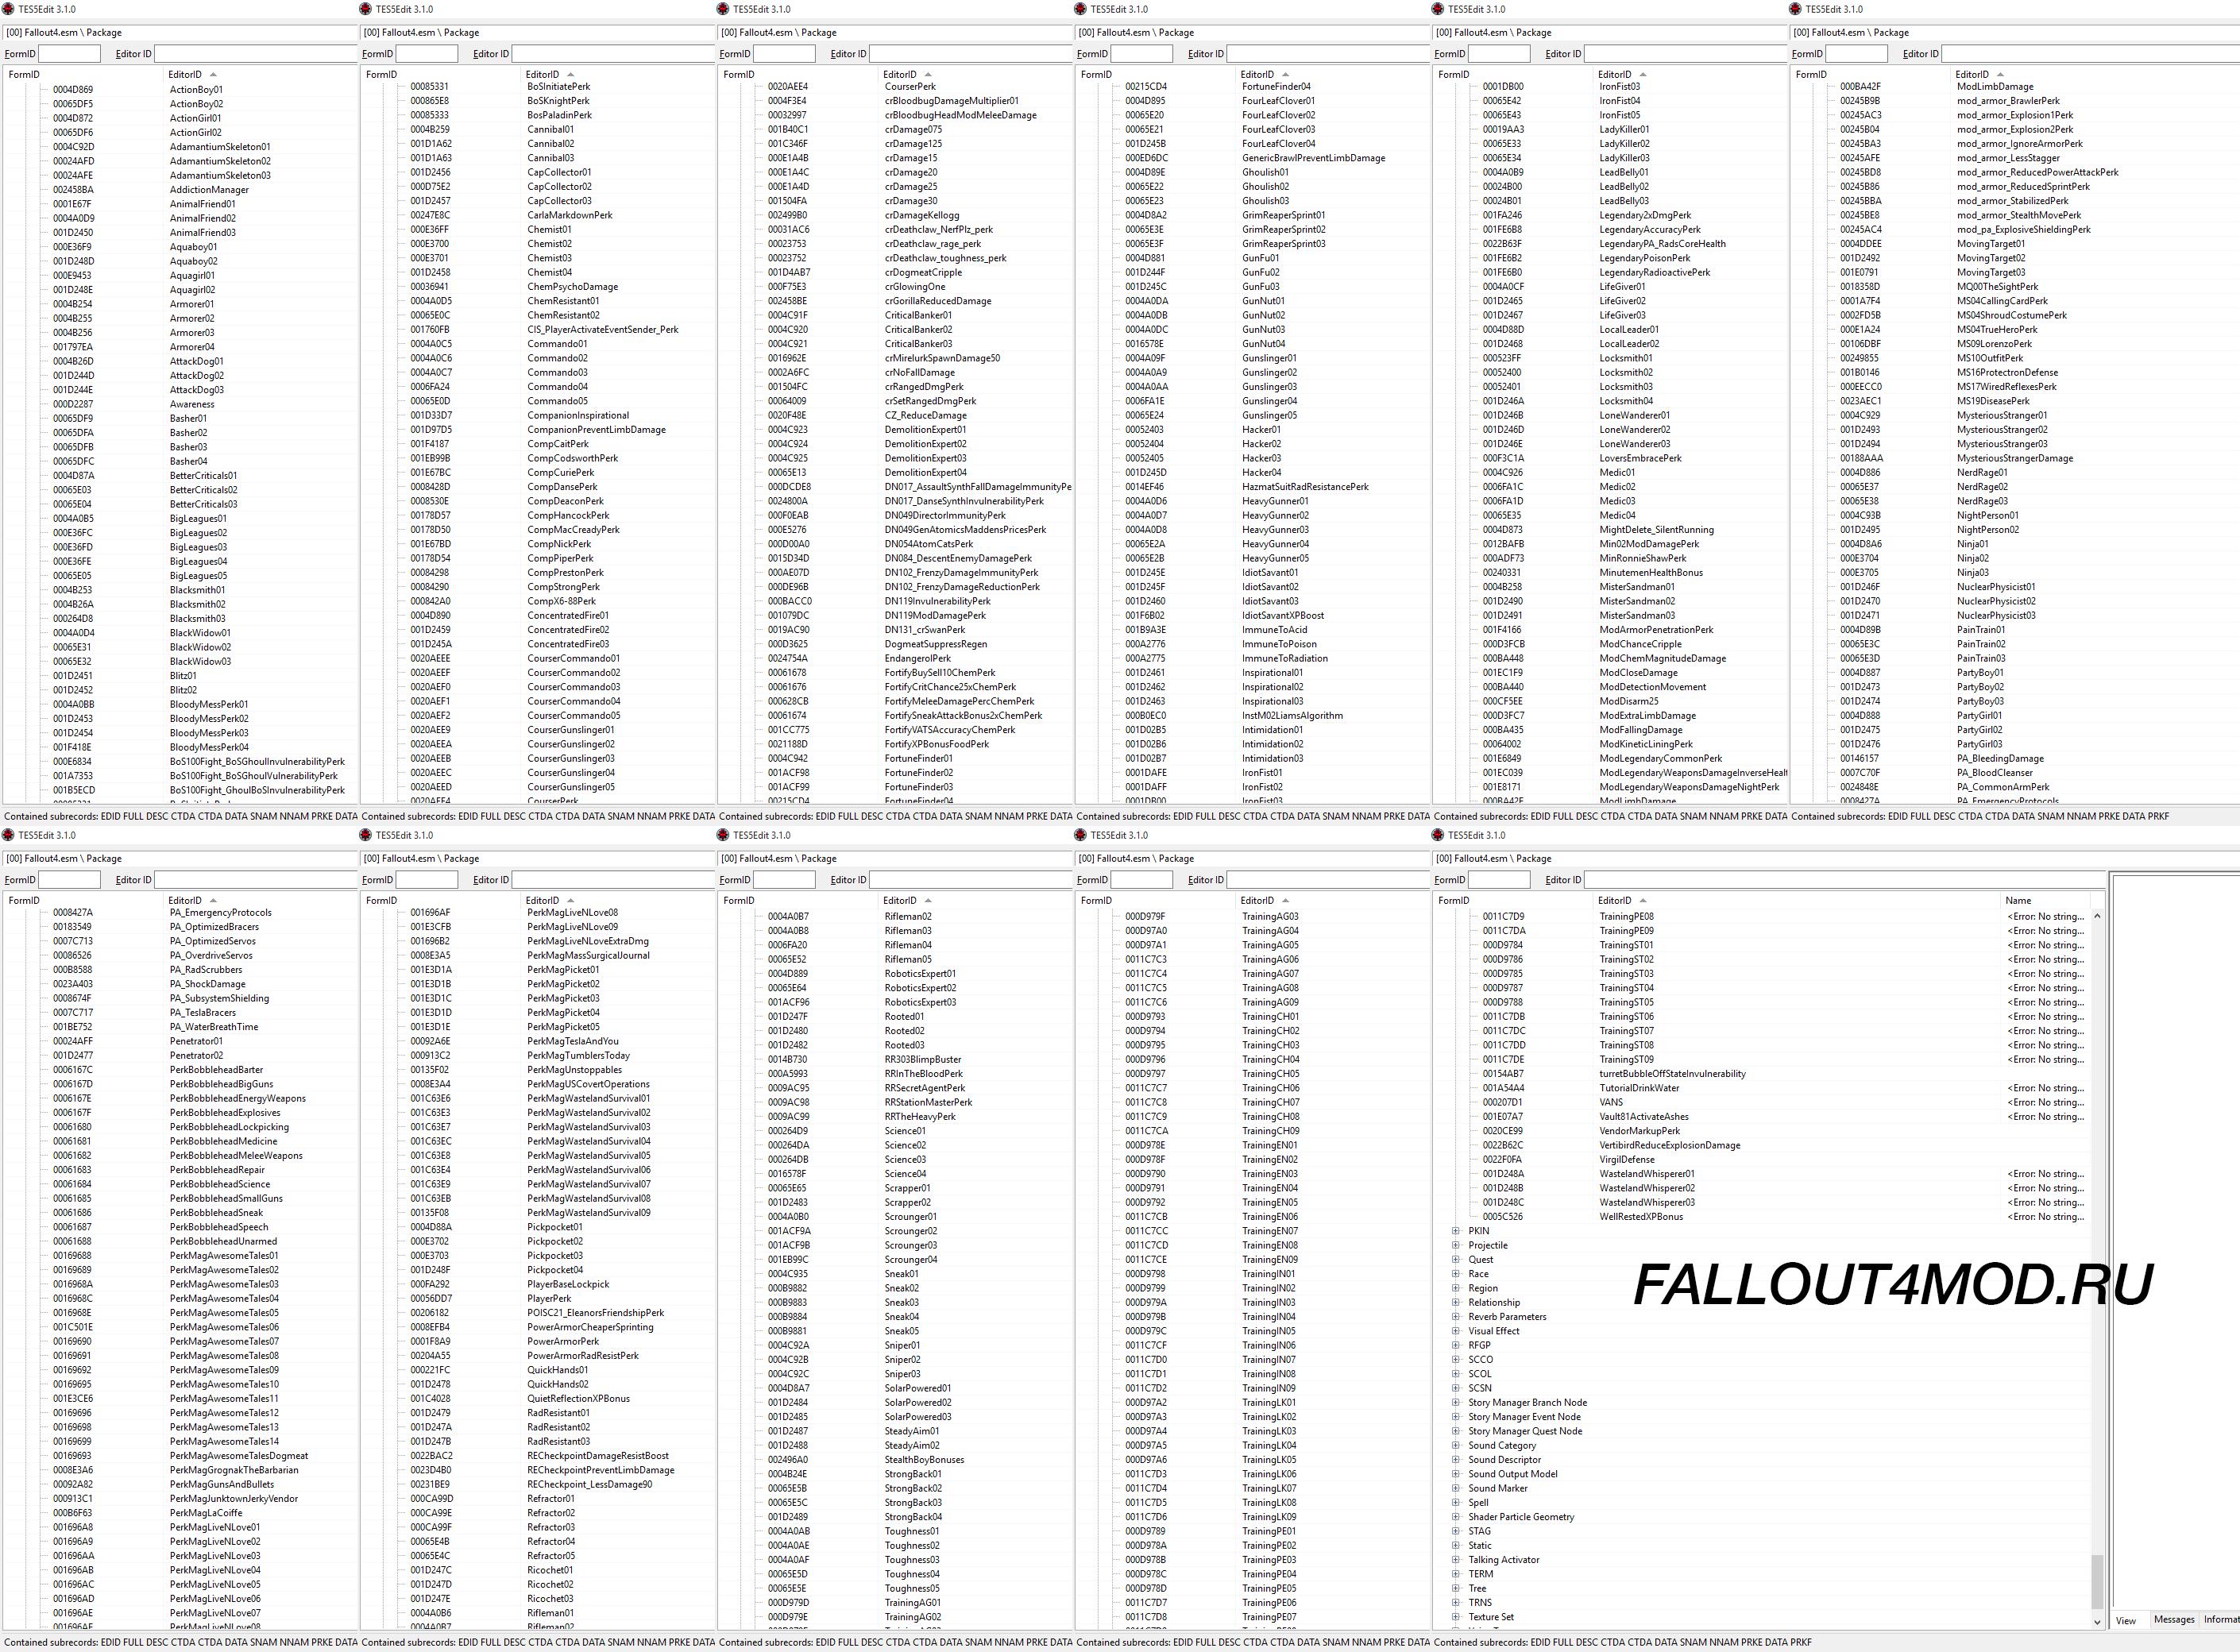 полный список квестов в фалаут4